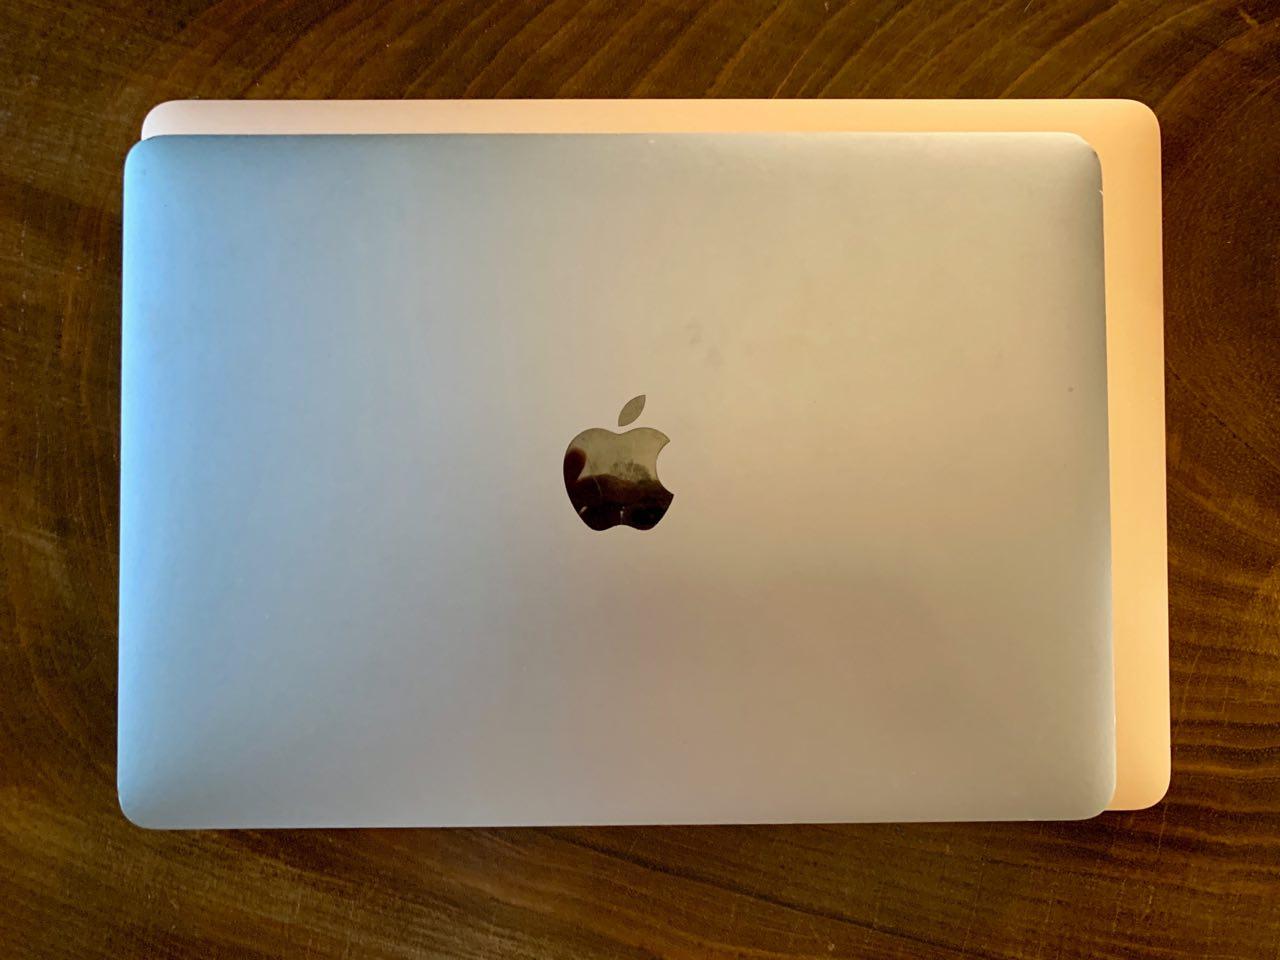 Vi håper MagSafe returnerer til Macbook.